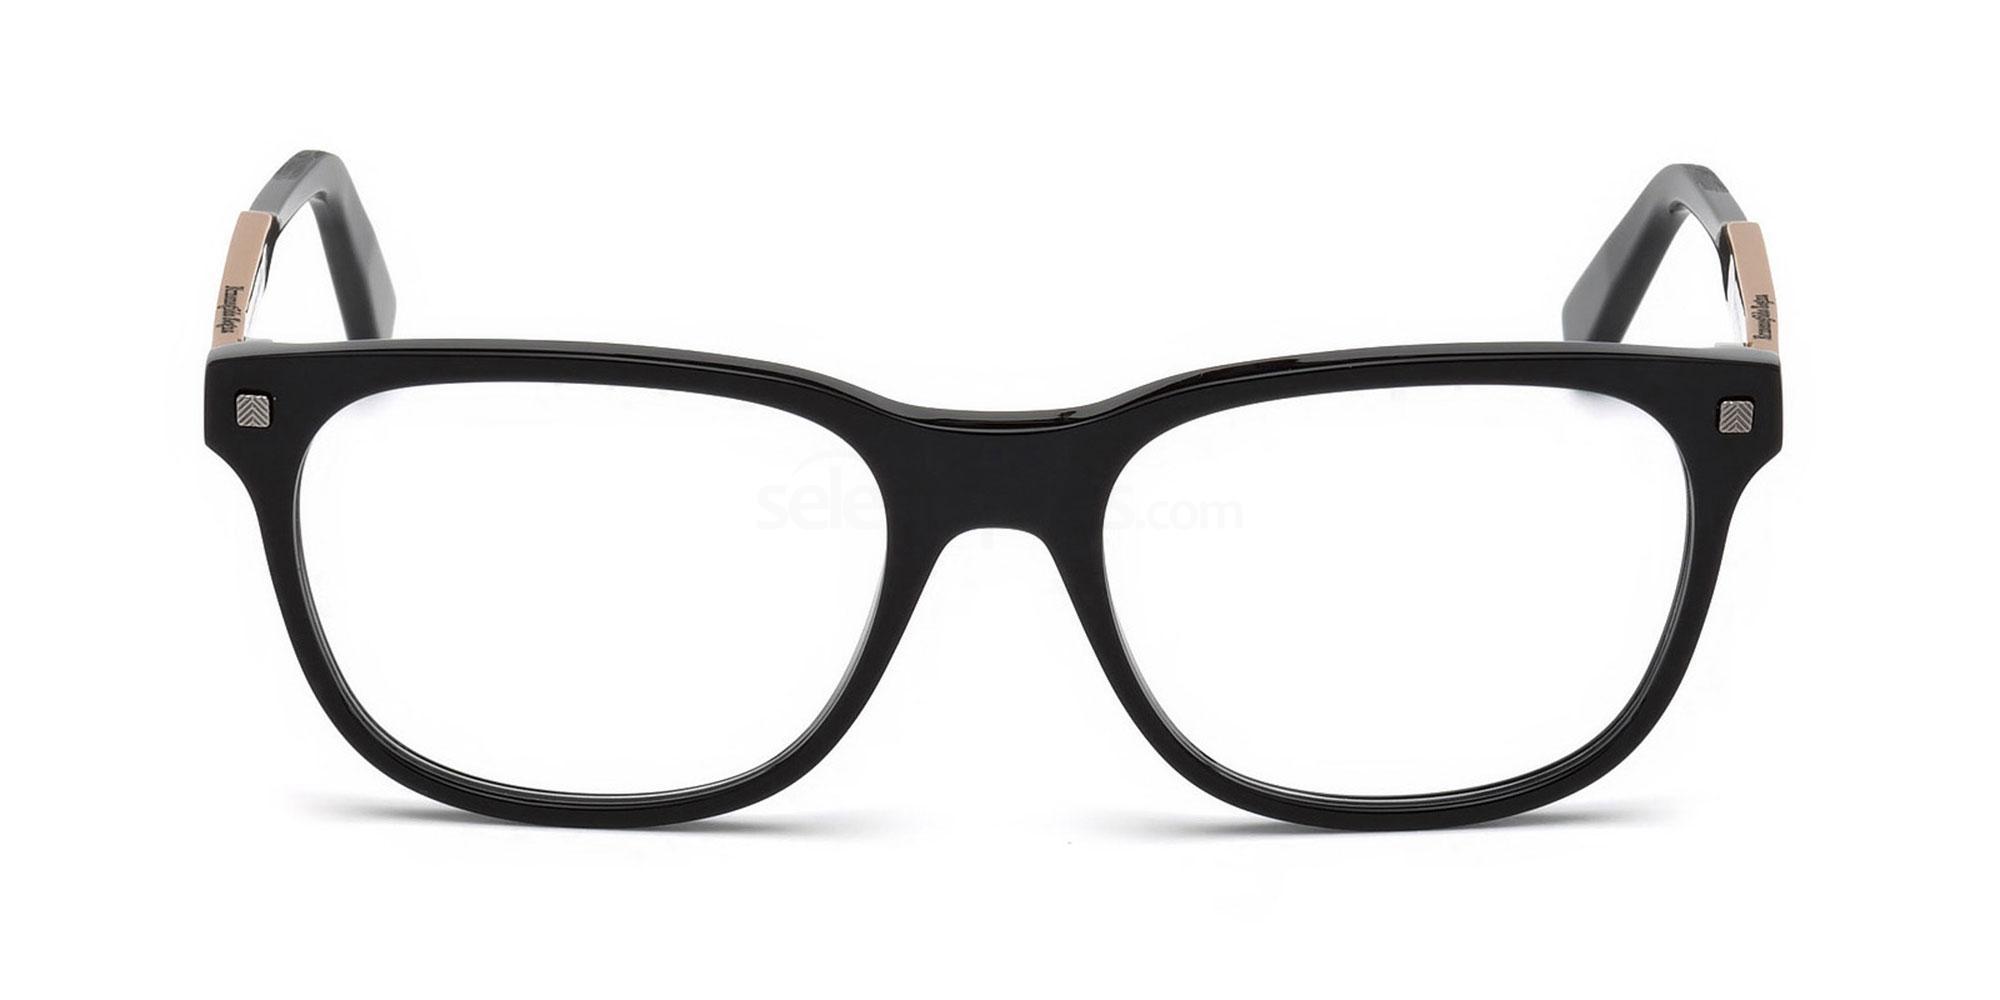 001 EZ5120 Glasses, Ermenegildo Zegna